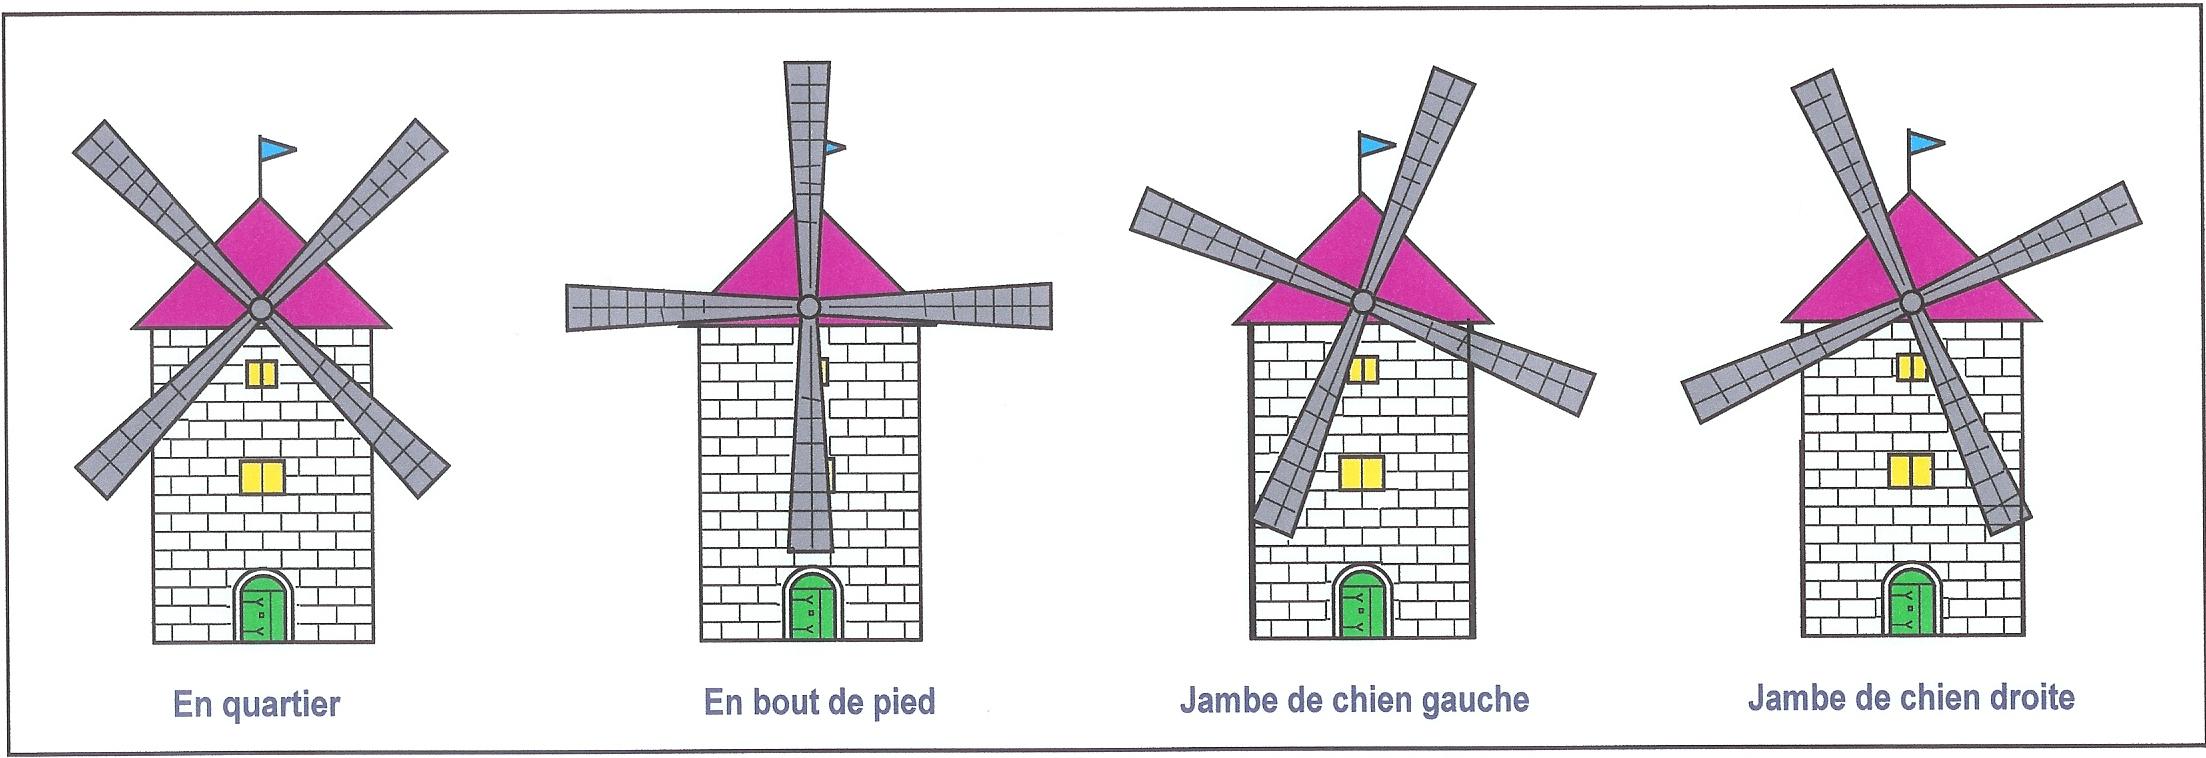 Le langage des moulins